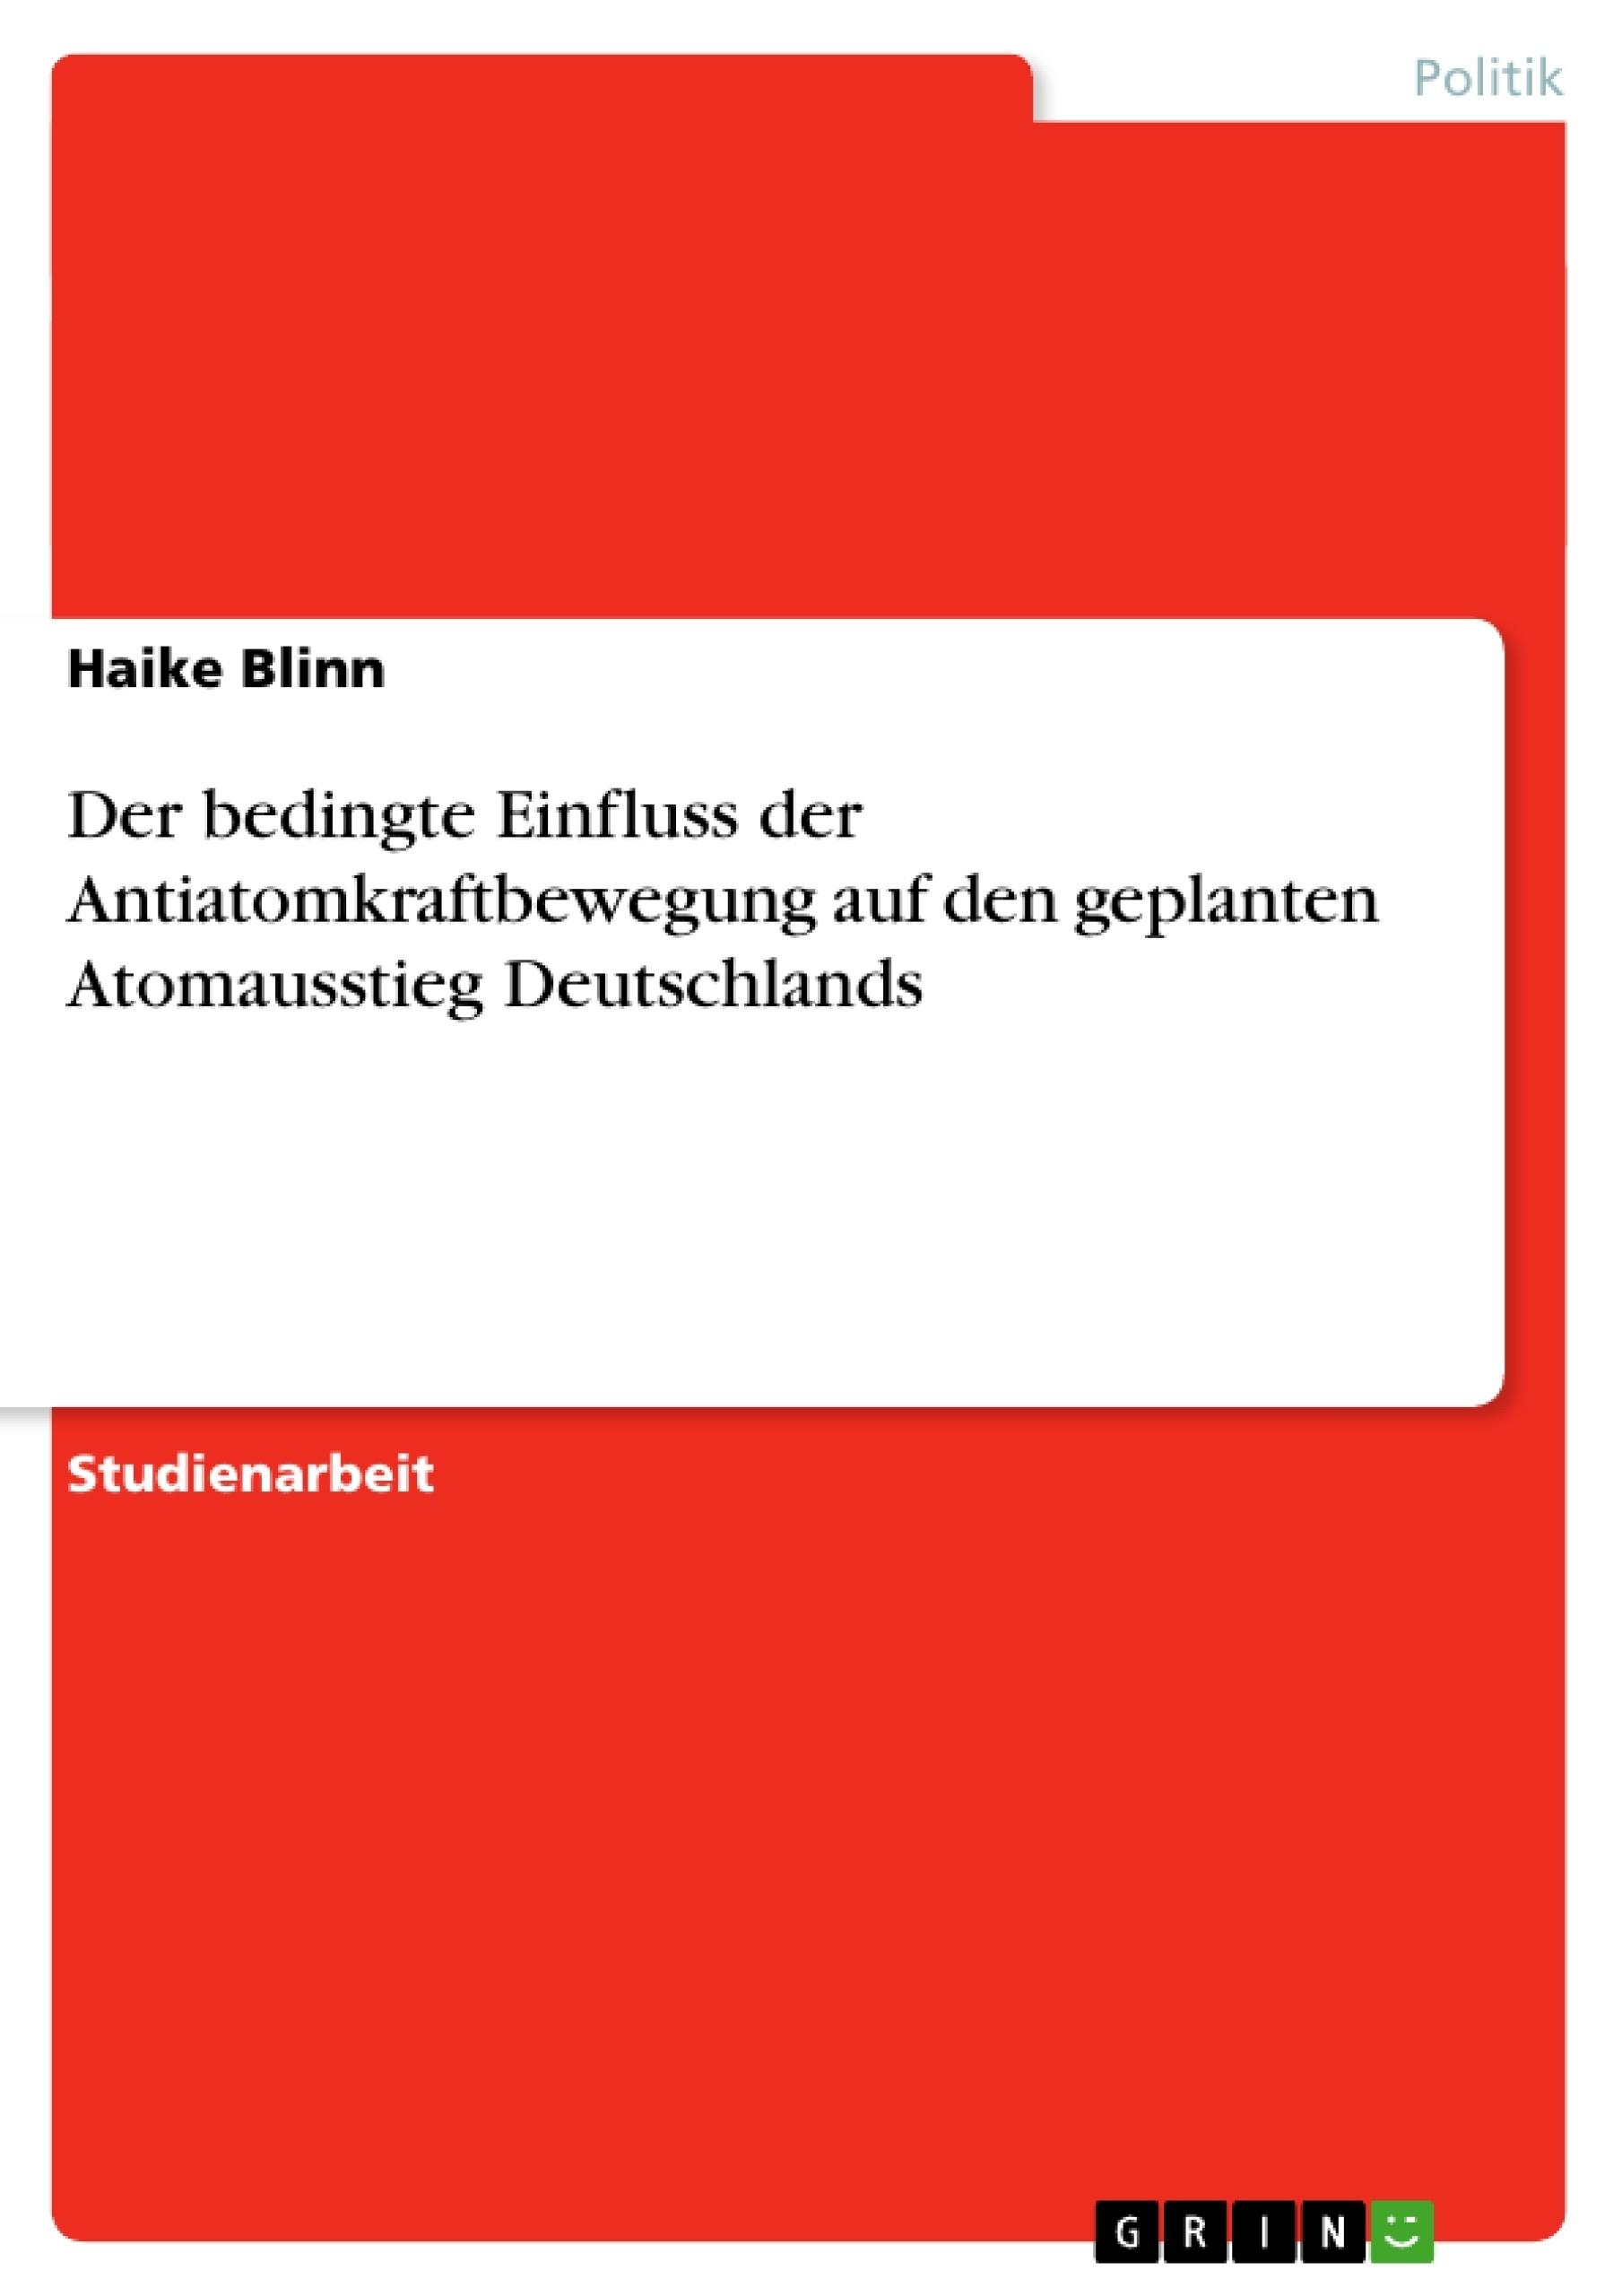 Titel: Der bedingte Einfluss der Antiatomkraftbewegung auf den geplanten Atomausstieg Deutschlands